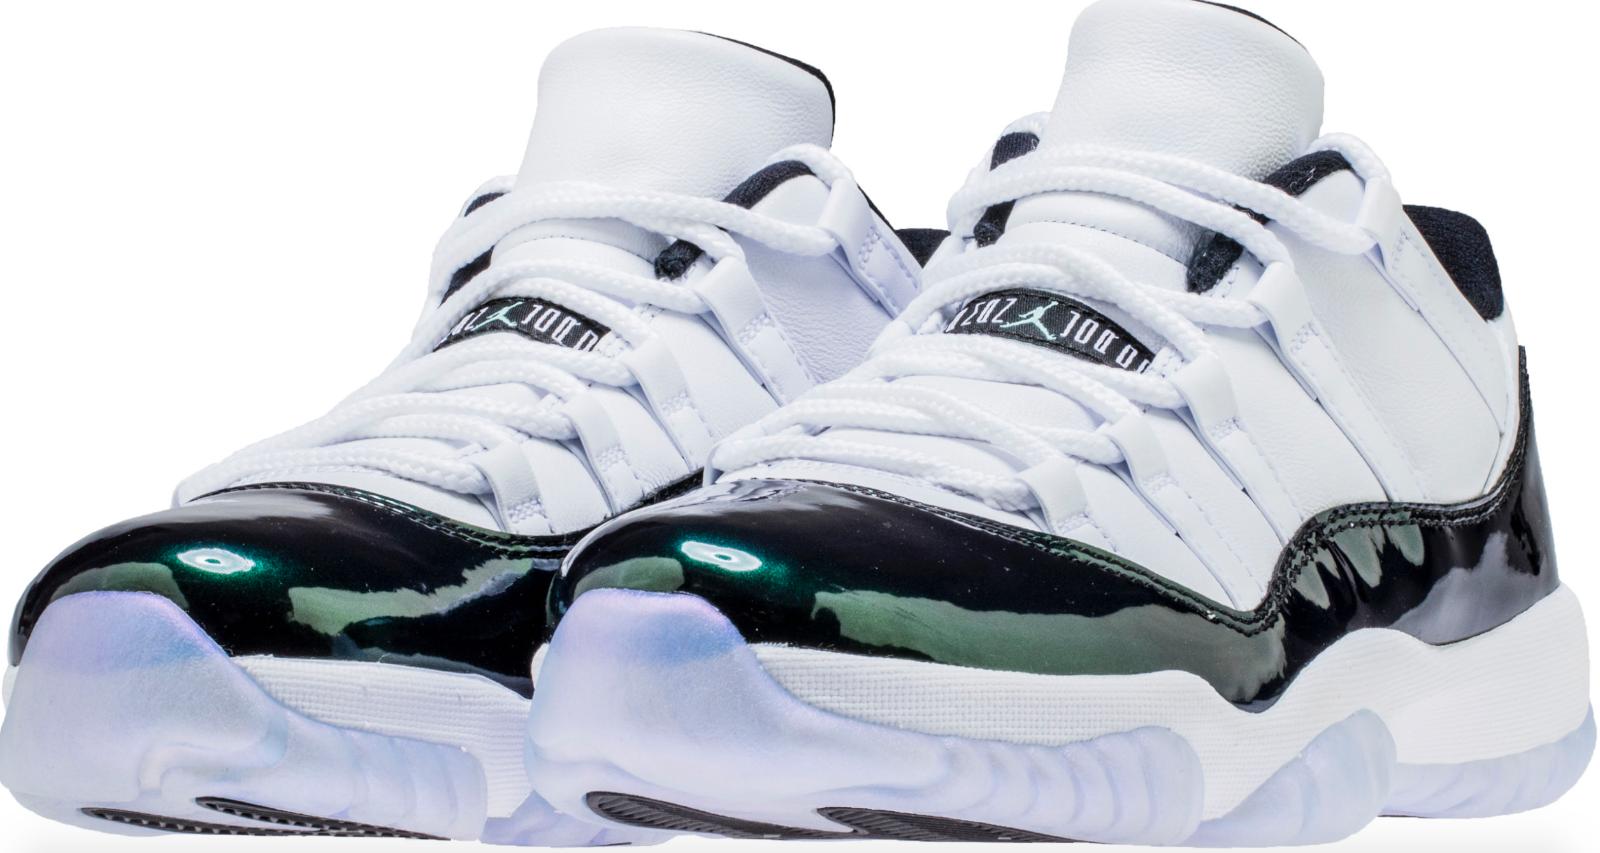 Nike Nike Nike Air Jordan XI retro 11 bajo verde esmeralda Rise Easter 528895-145 autentico el último descuento zapatos para hombres y mujeres a0a279